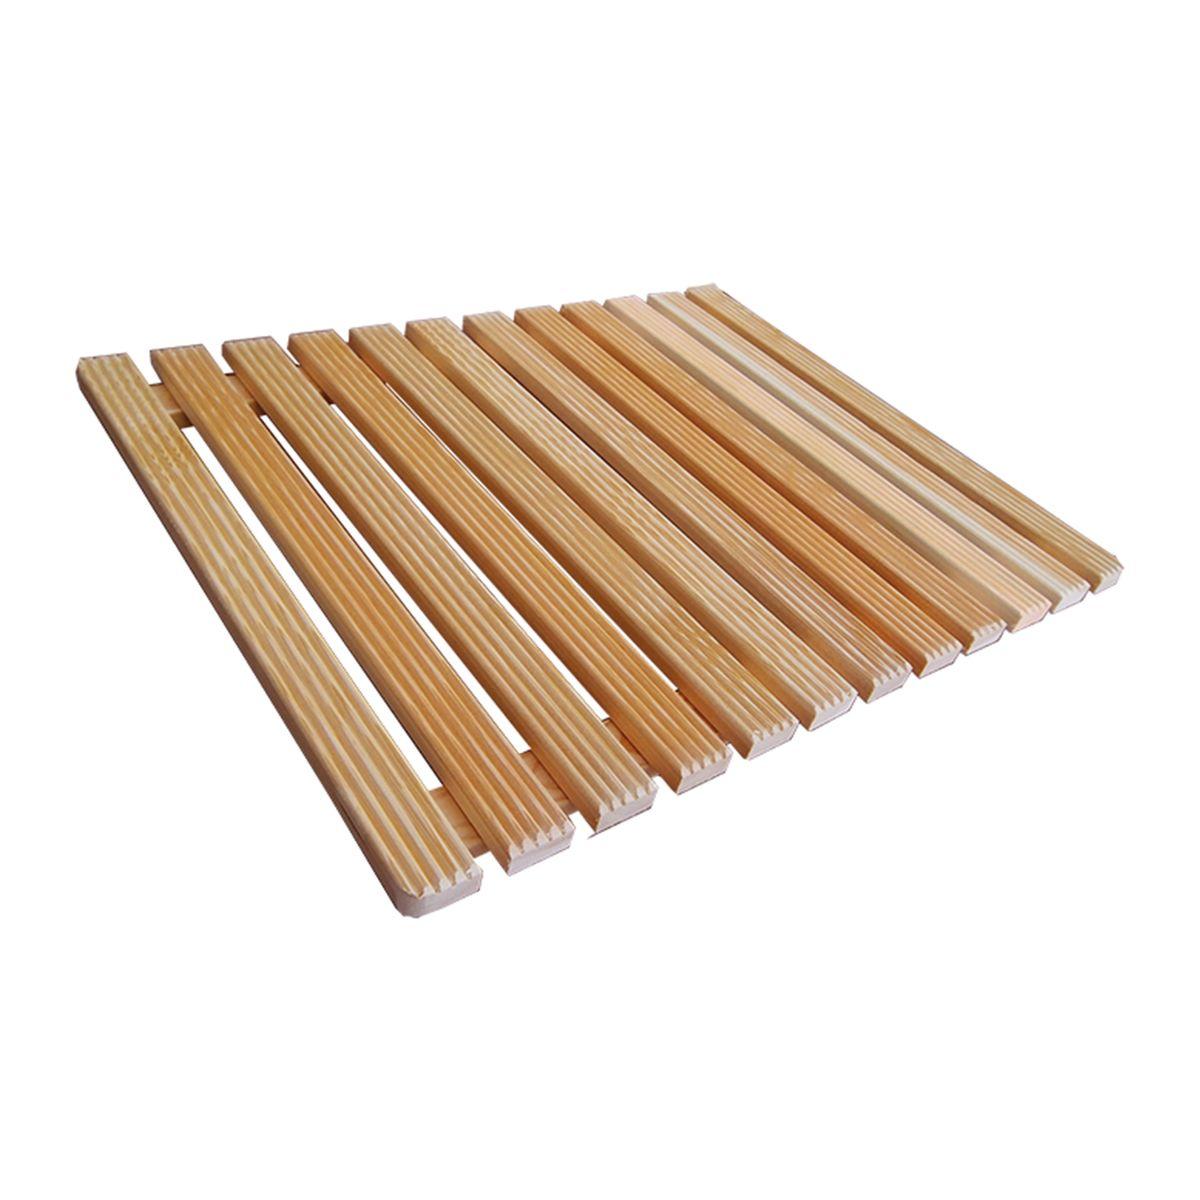 Pavimento in legno per esterni ikea elegant da giardino in legno ripiano e ante per esterno di - Mobiletti da esterno ikea ...